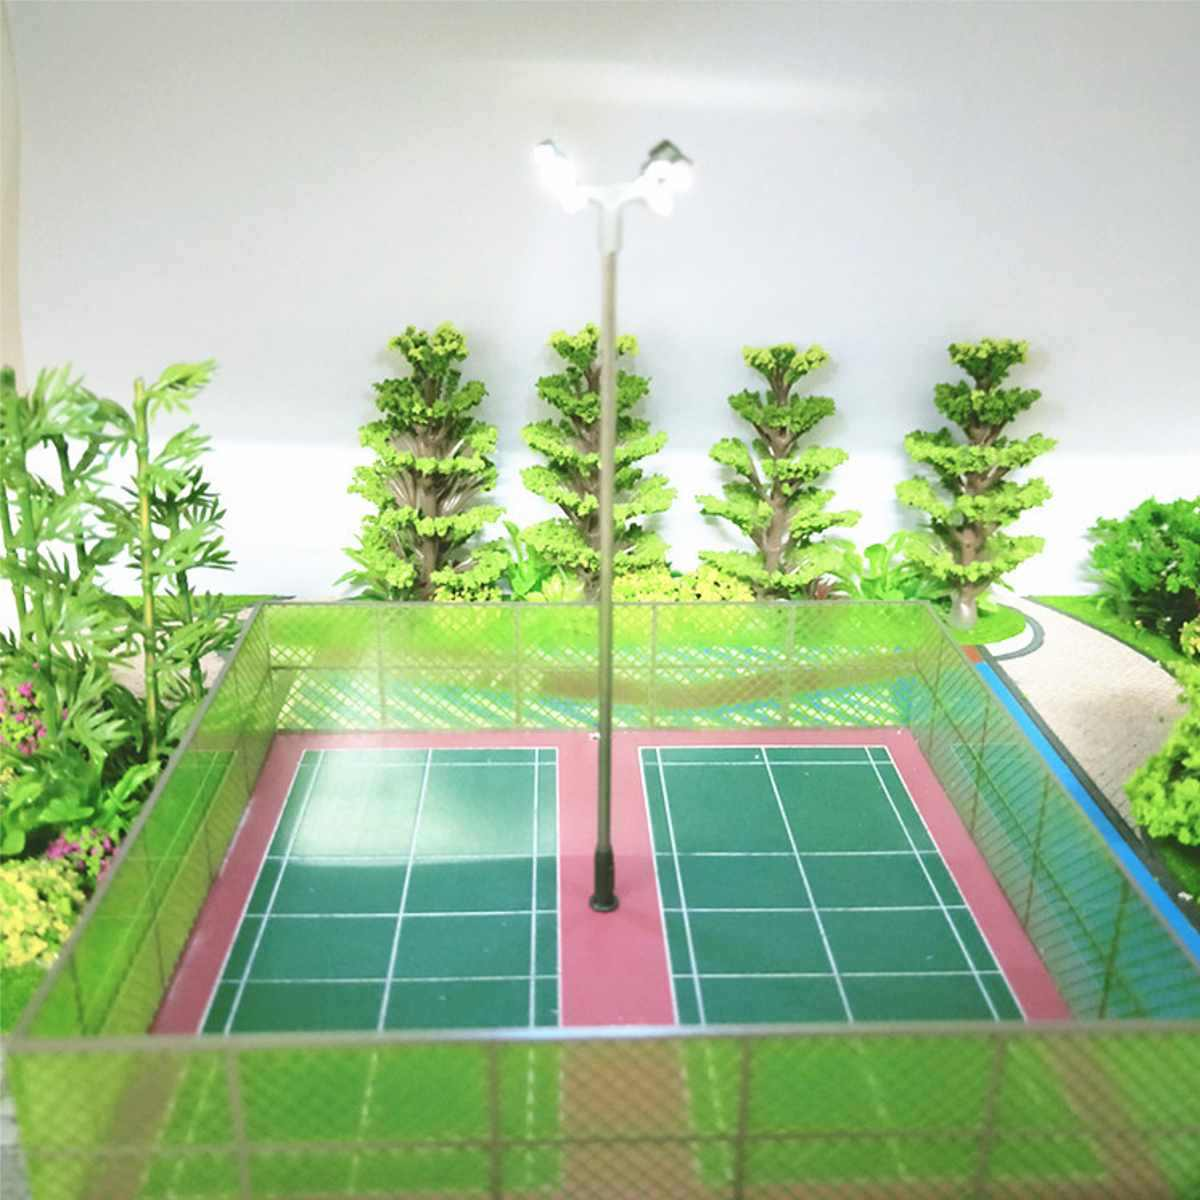 Nowy projekt 10 sztuk budowy HO OO Model światła ruchu świateł sygnału obwodu LED Model DIY na ulicy pociągu kolejowego